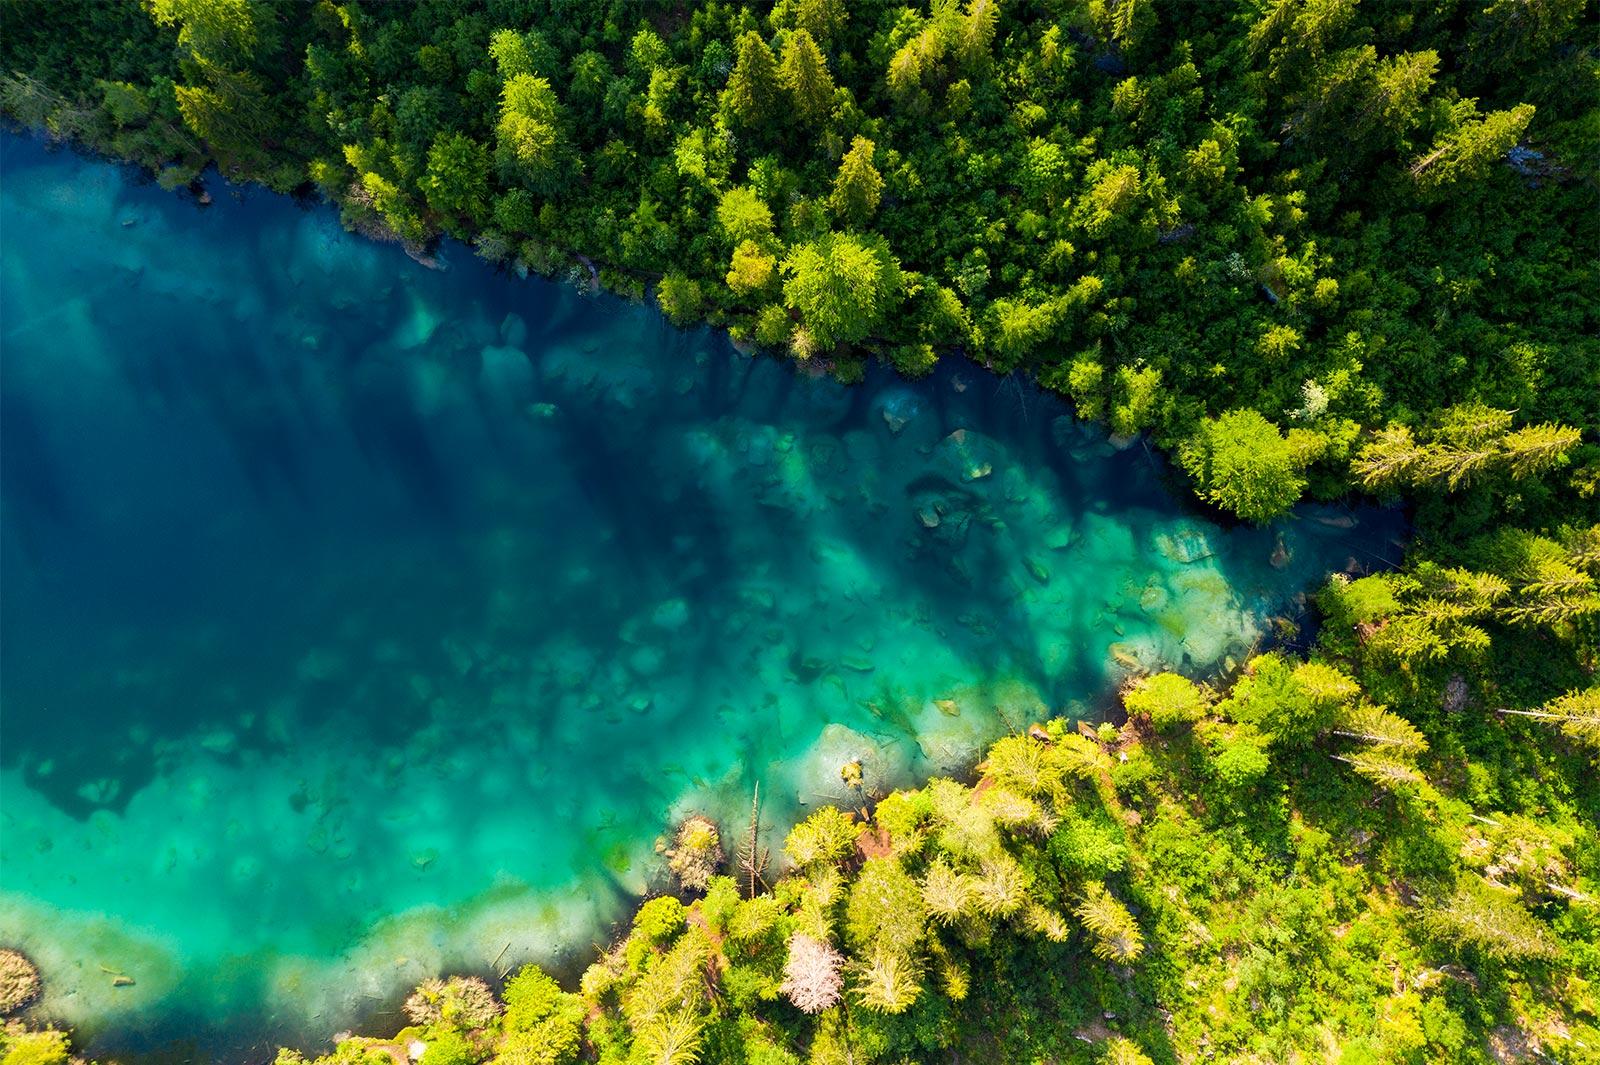 На изображении показан вид сверху на густой лес с протекающей через него рекой. Изображение, демонстрирующее FHD.